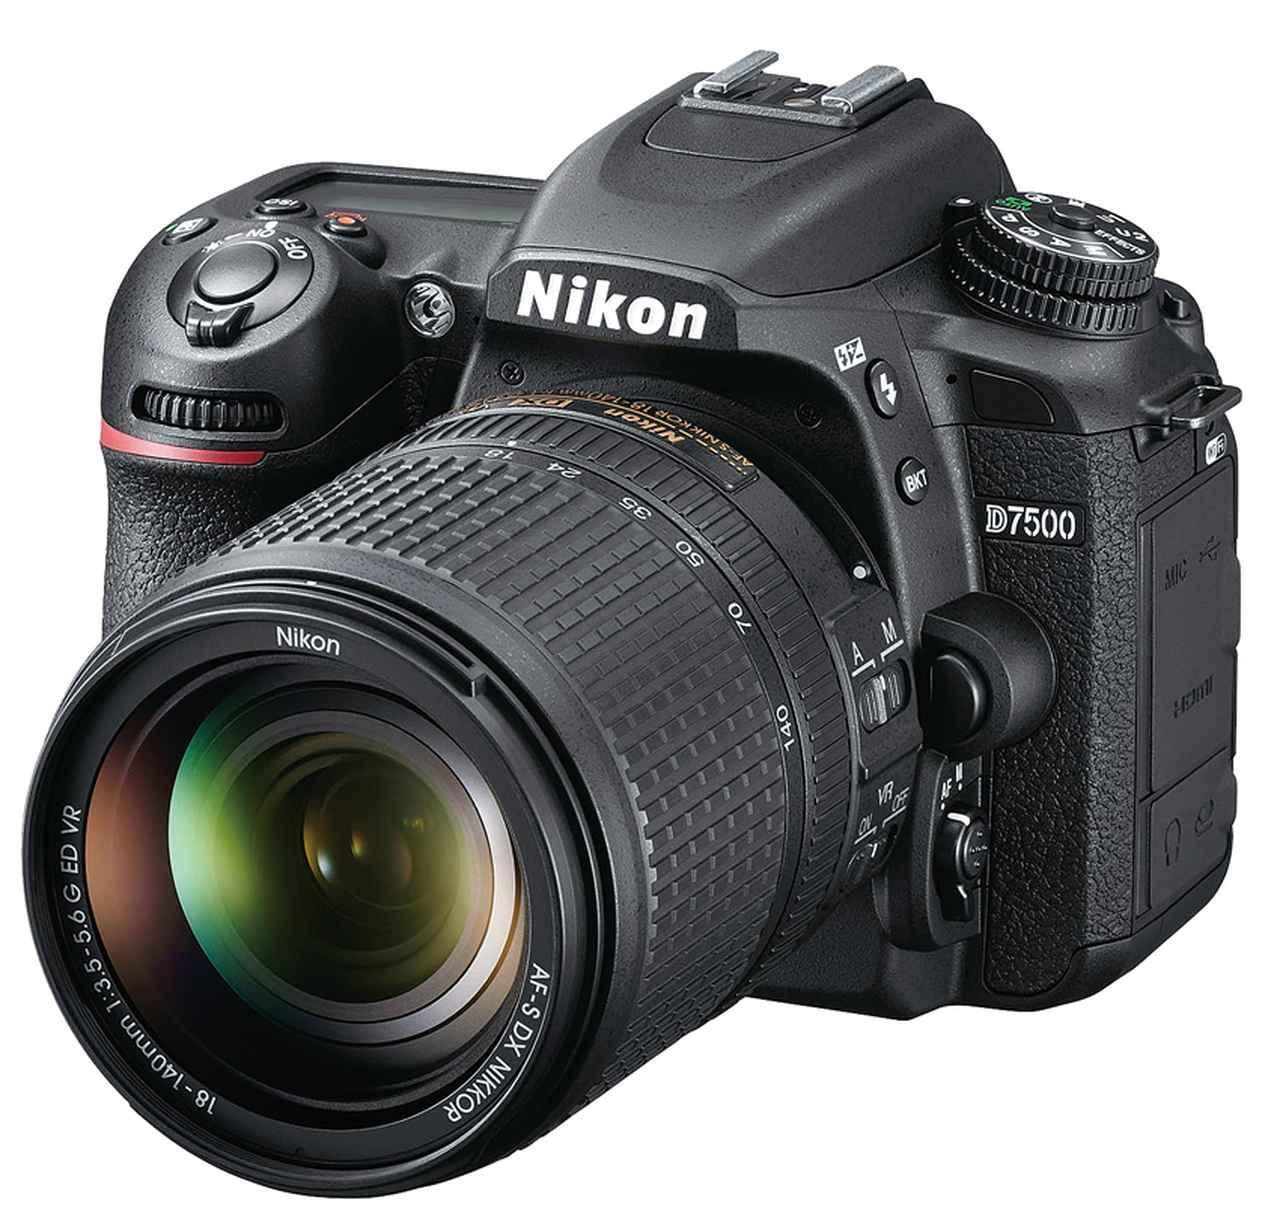 画像: 約8コマ/秒の連写や4K撮影、チルト式液晶など多彩な装備